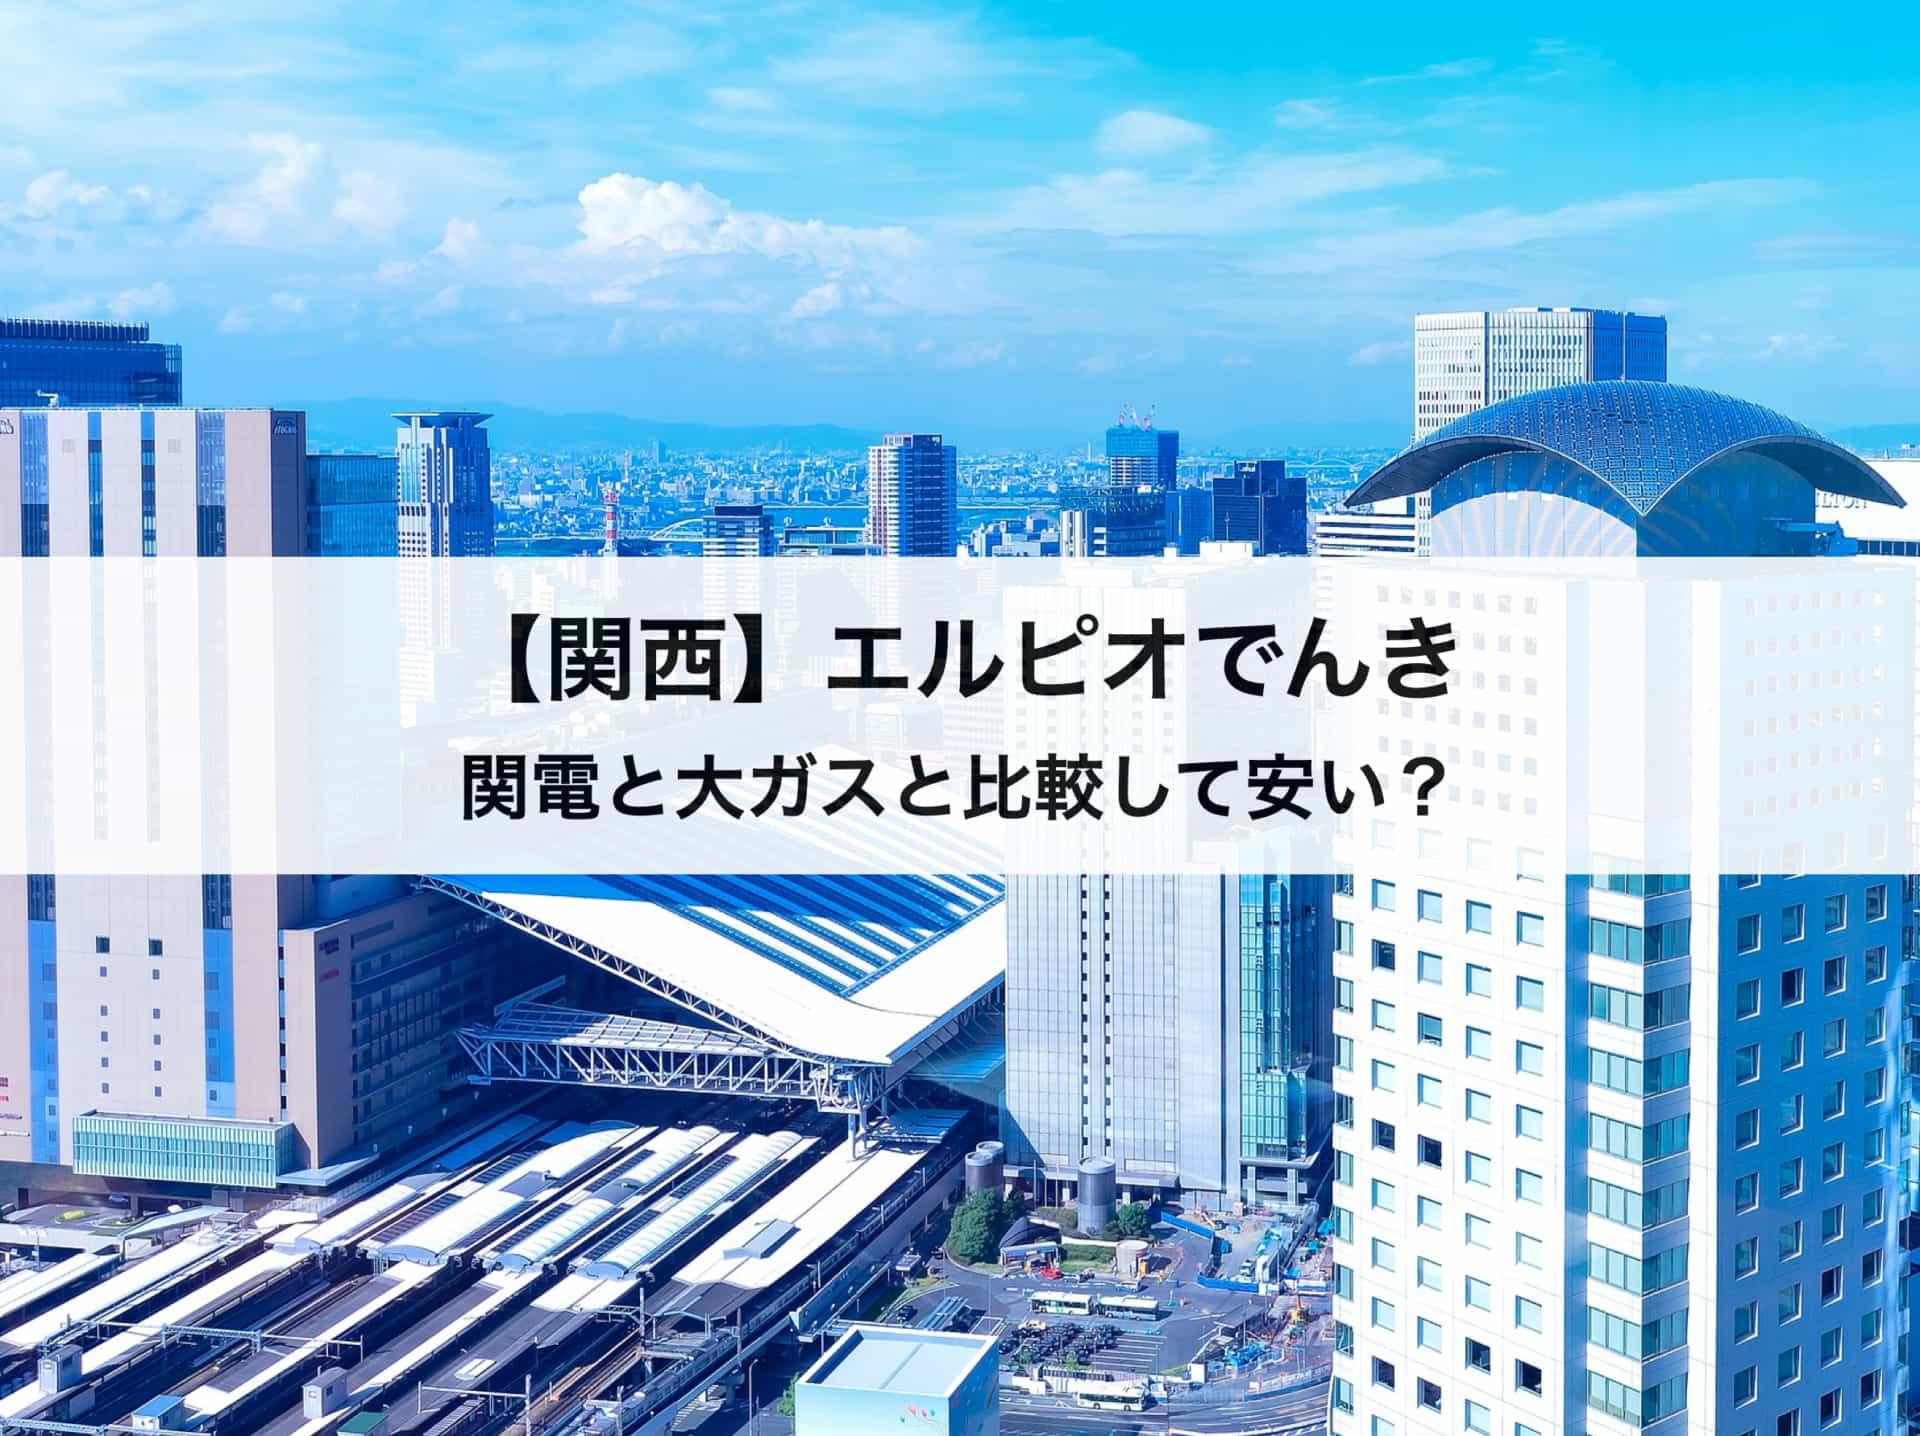 【関西】エルピオでんきの評判|関西電力や大阪ガスと比較してどのくらい安い?